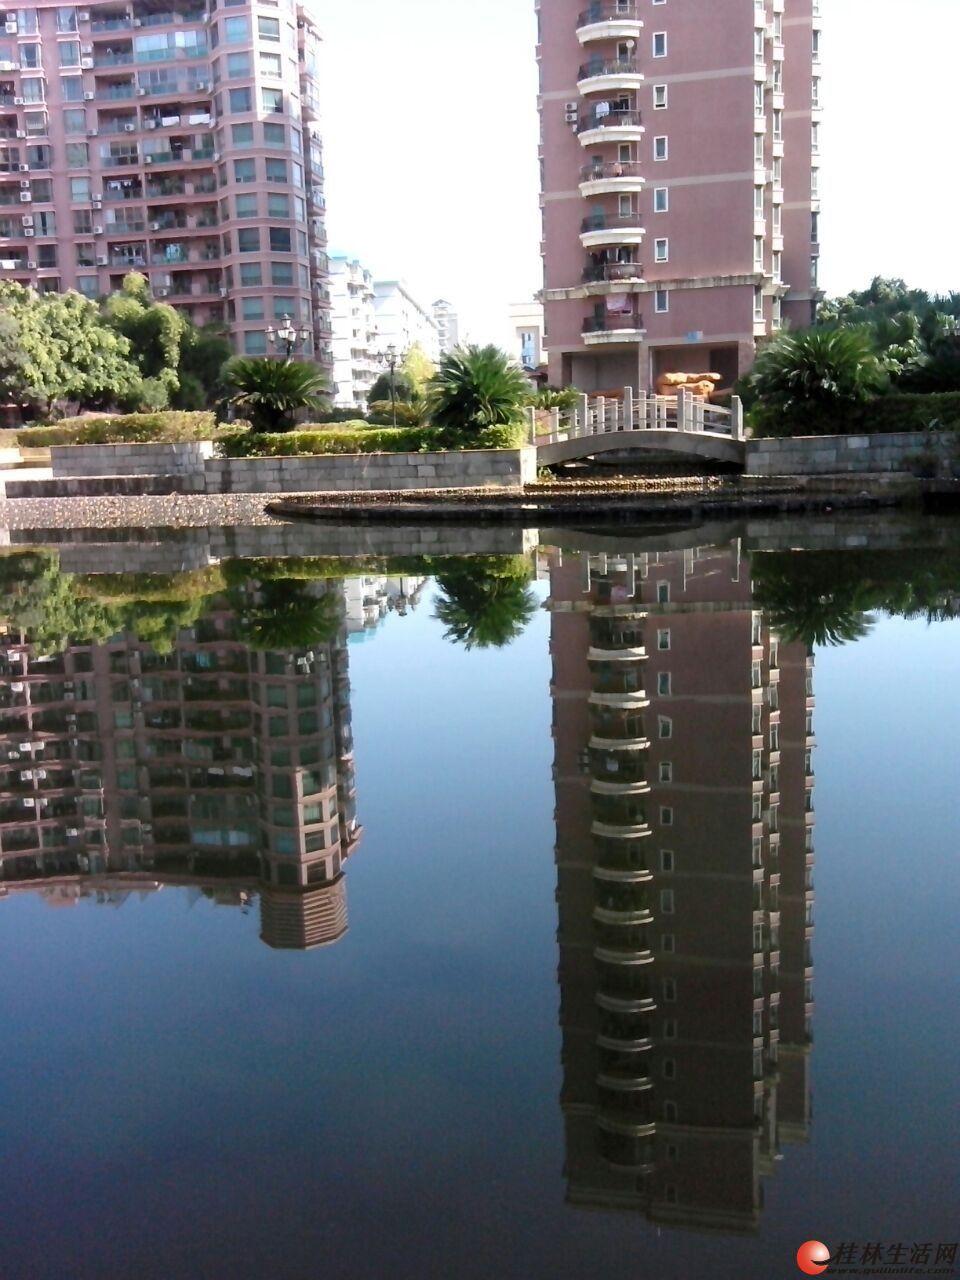 出租,世纪新城,3房2厅2卫,145平米,电梯8楼,2500元/月,精装修